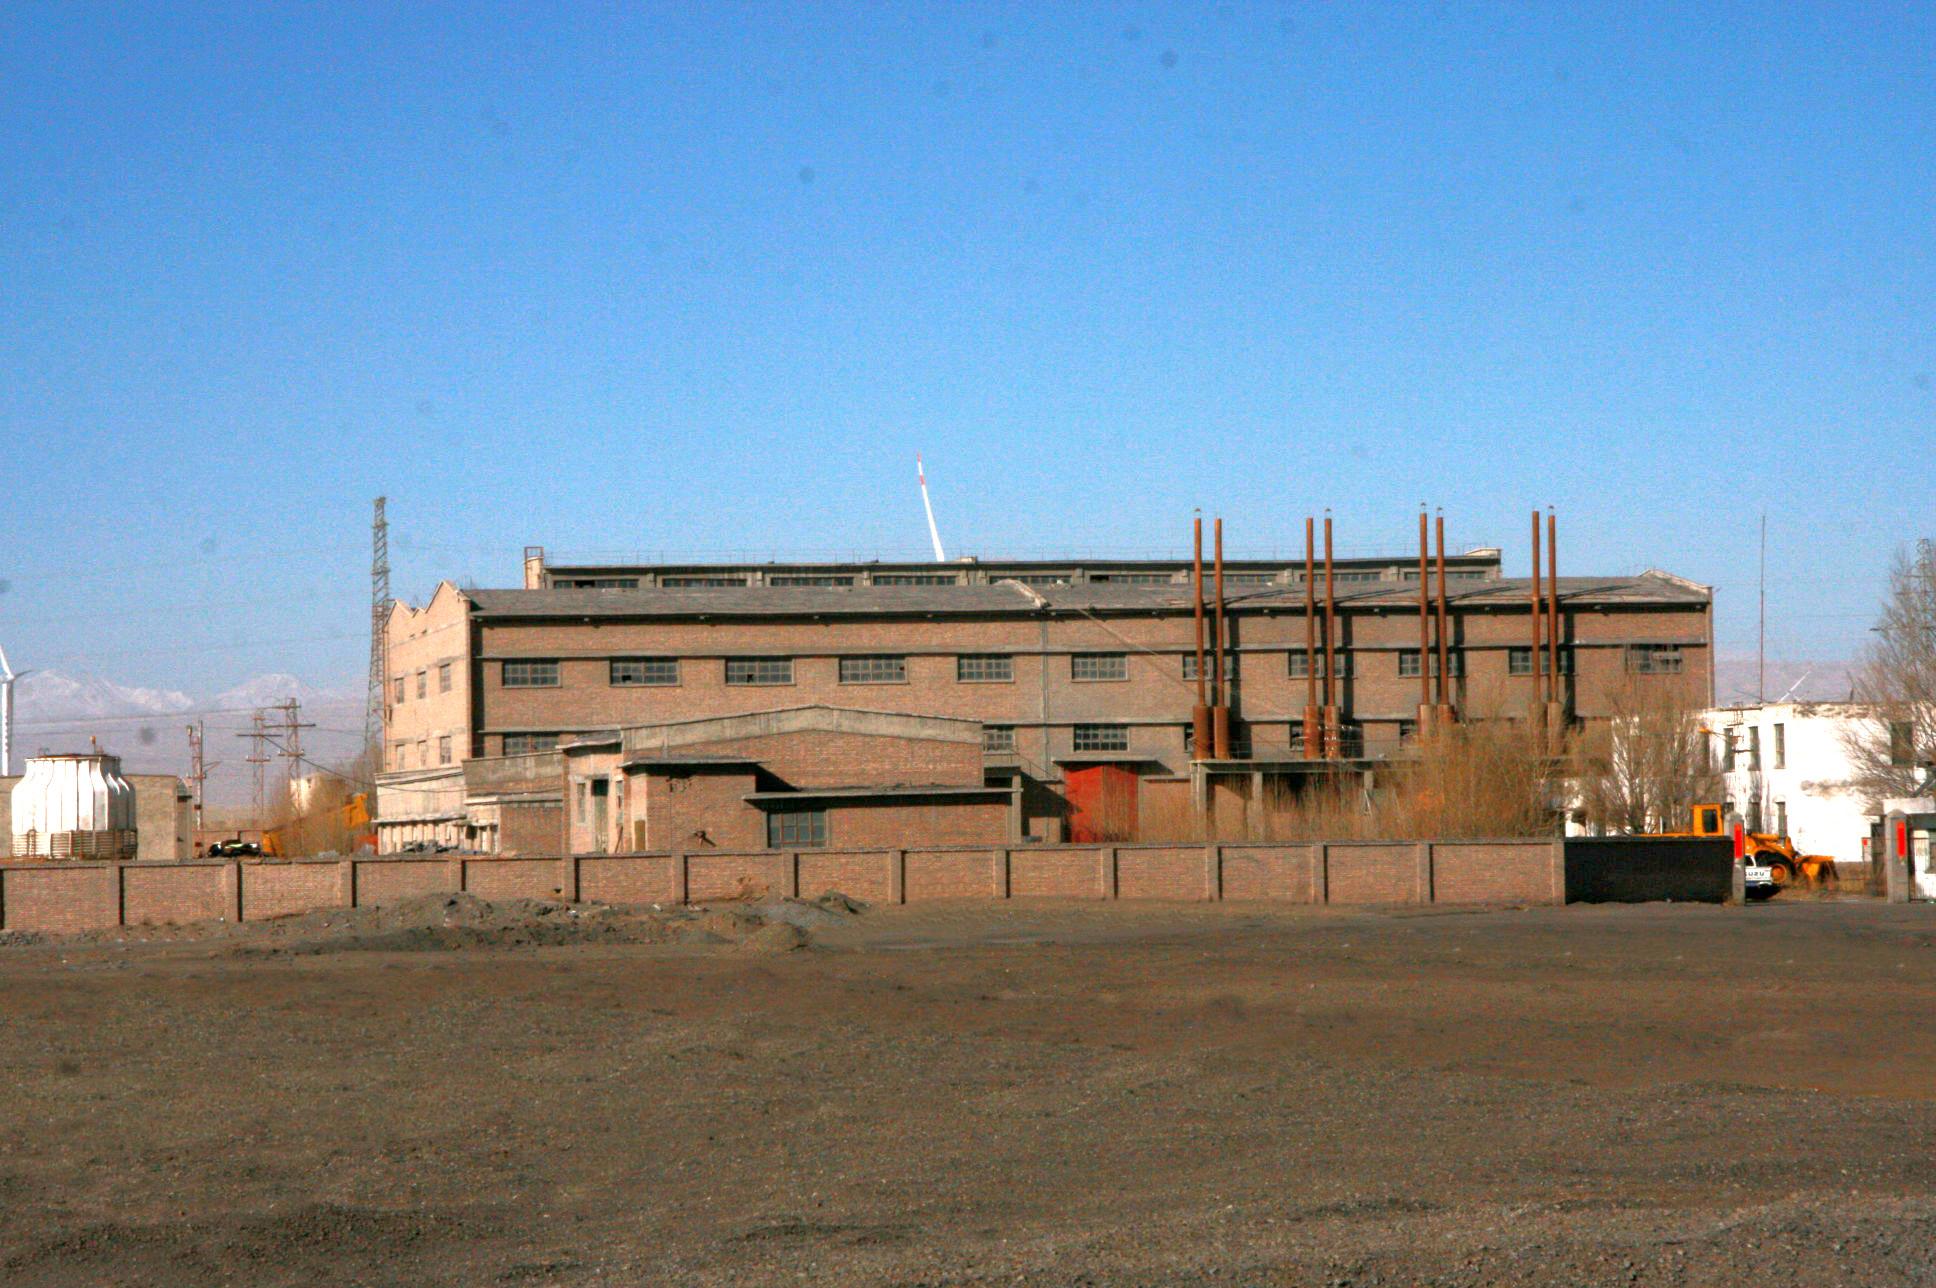 歷史照片(電力發展)—生活區柴油機組電站1